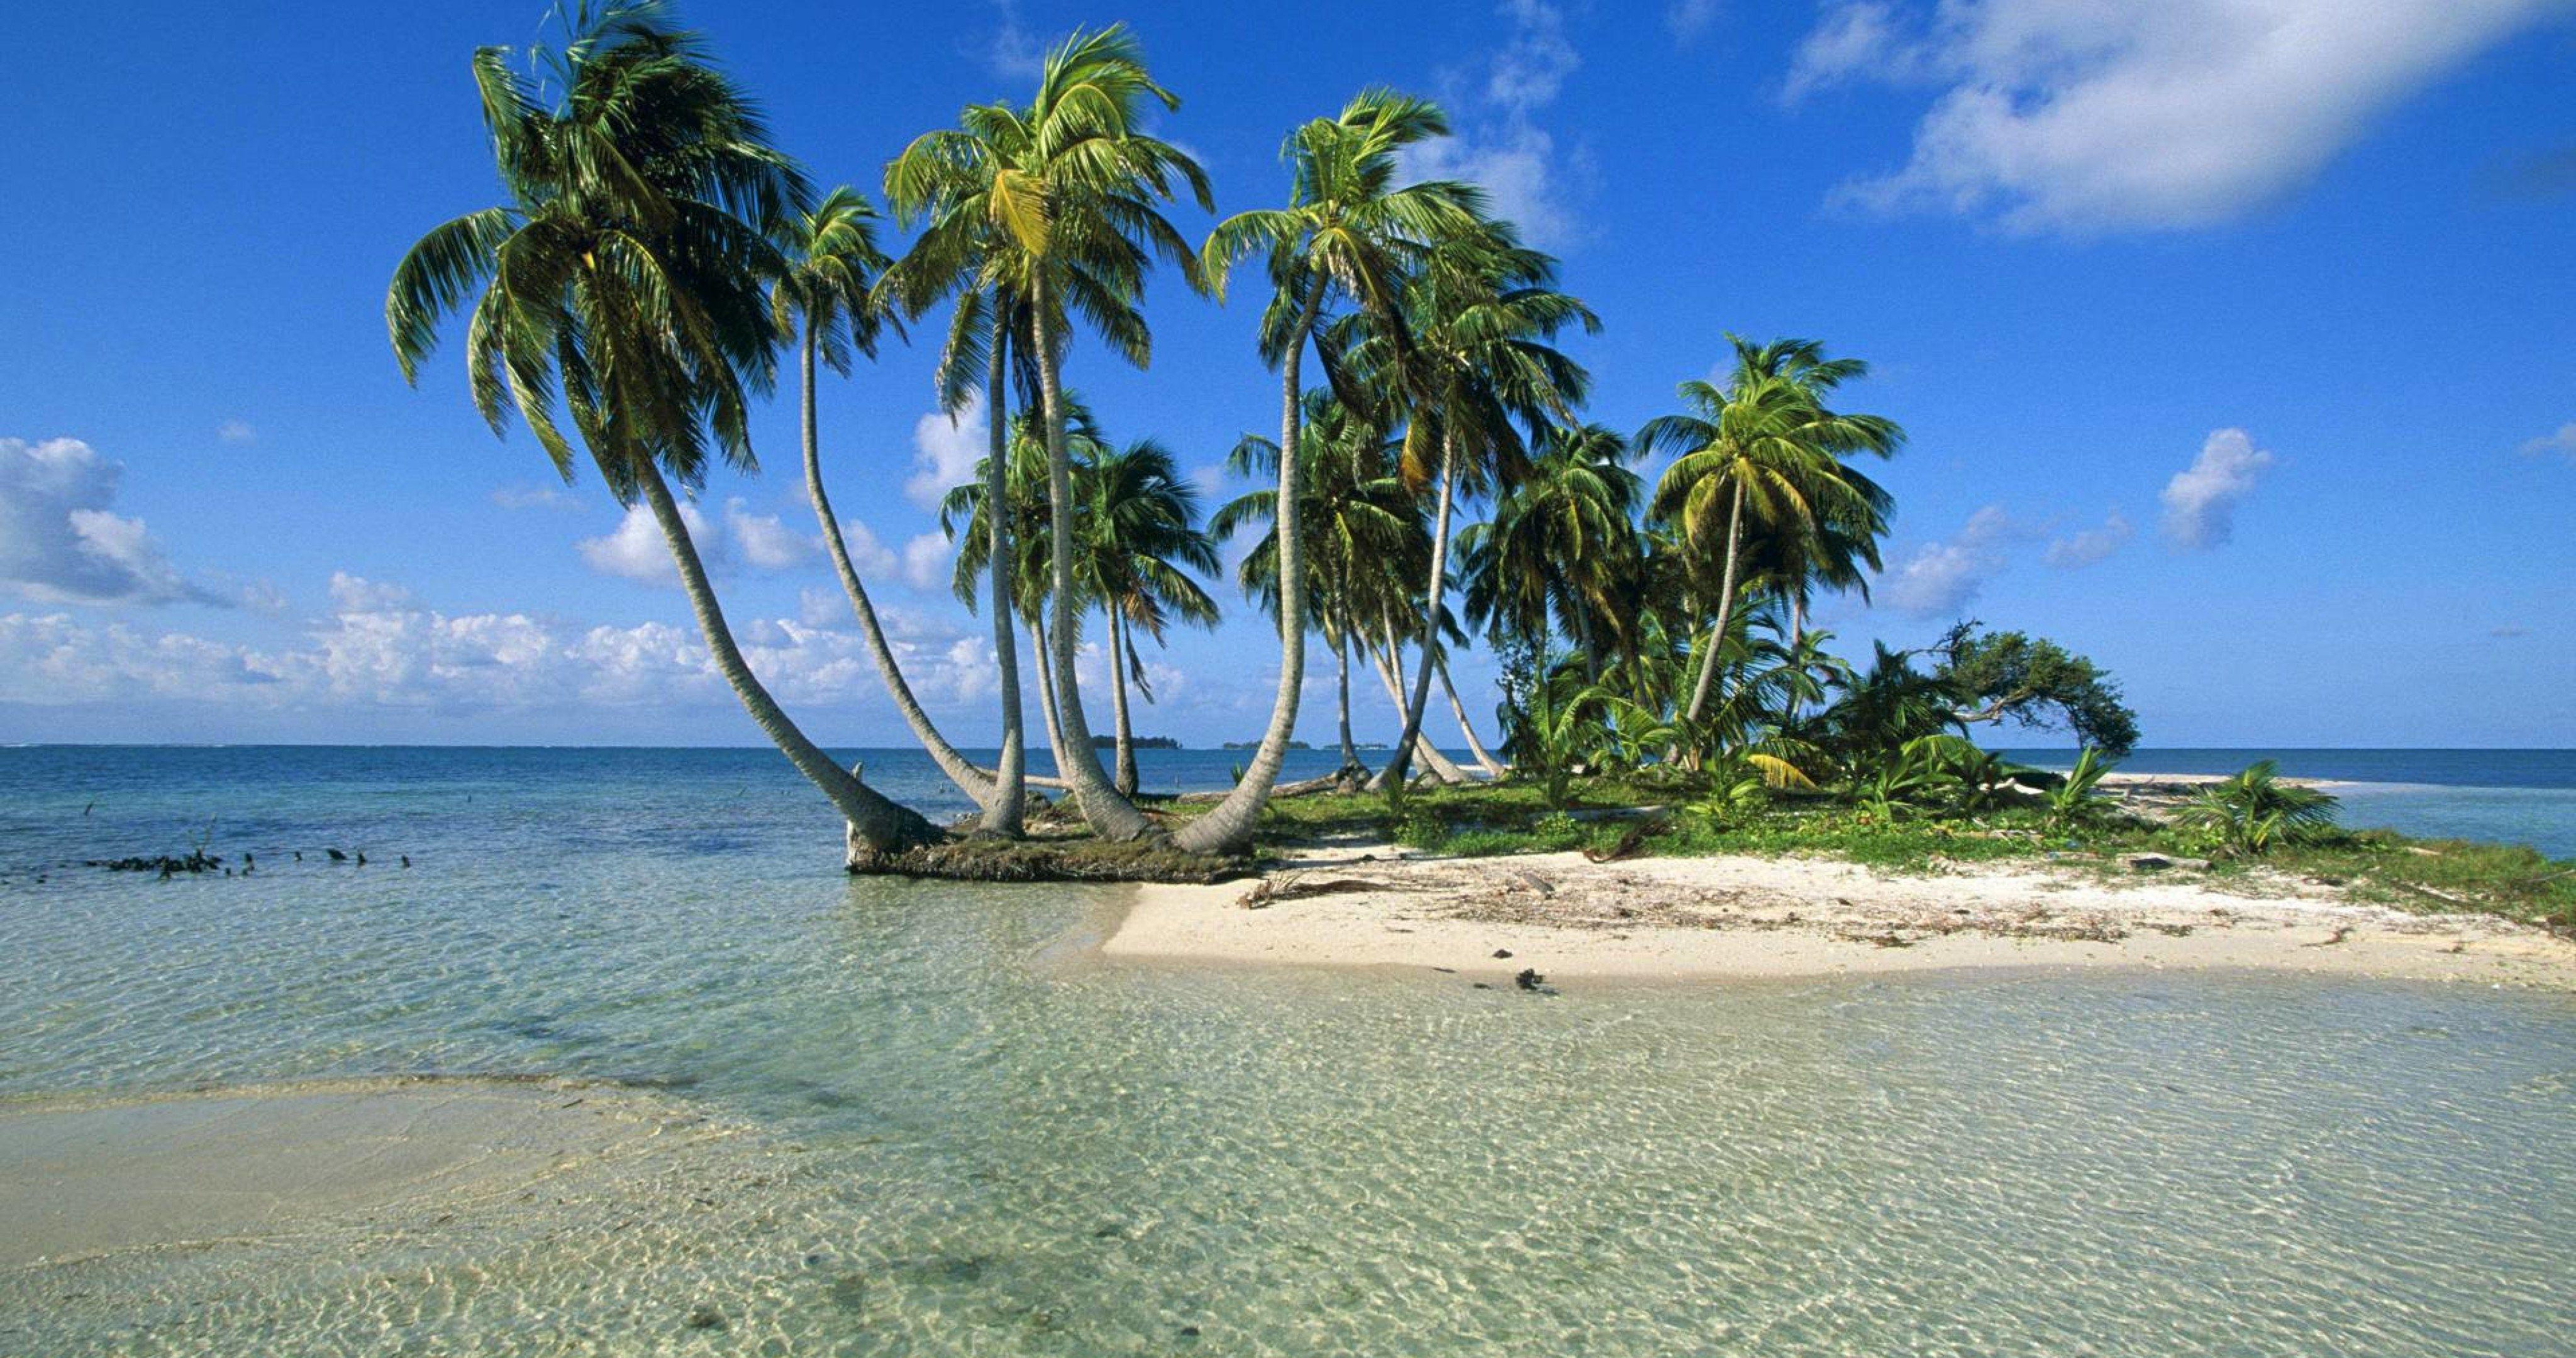 Palm Tree Beach 4k Hd Desktop Wallpaper For 4k Ultra Hd Tv: Island Palm Trees 4k Ultra Hd Wallpaper